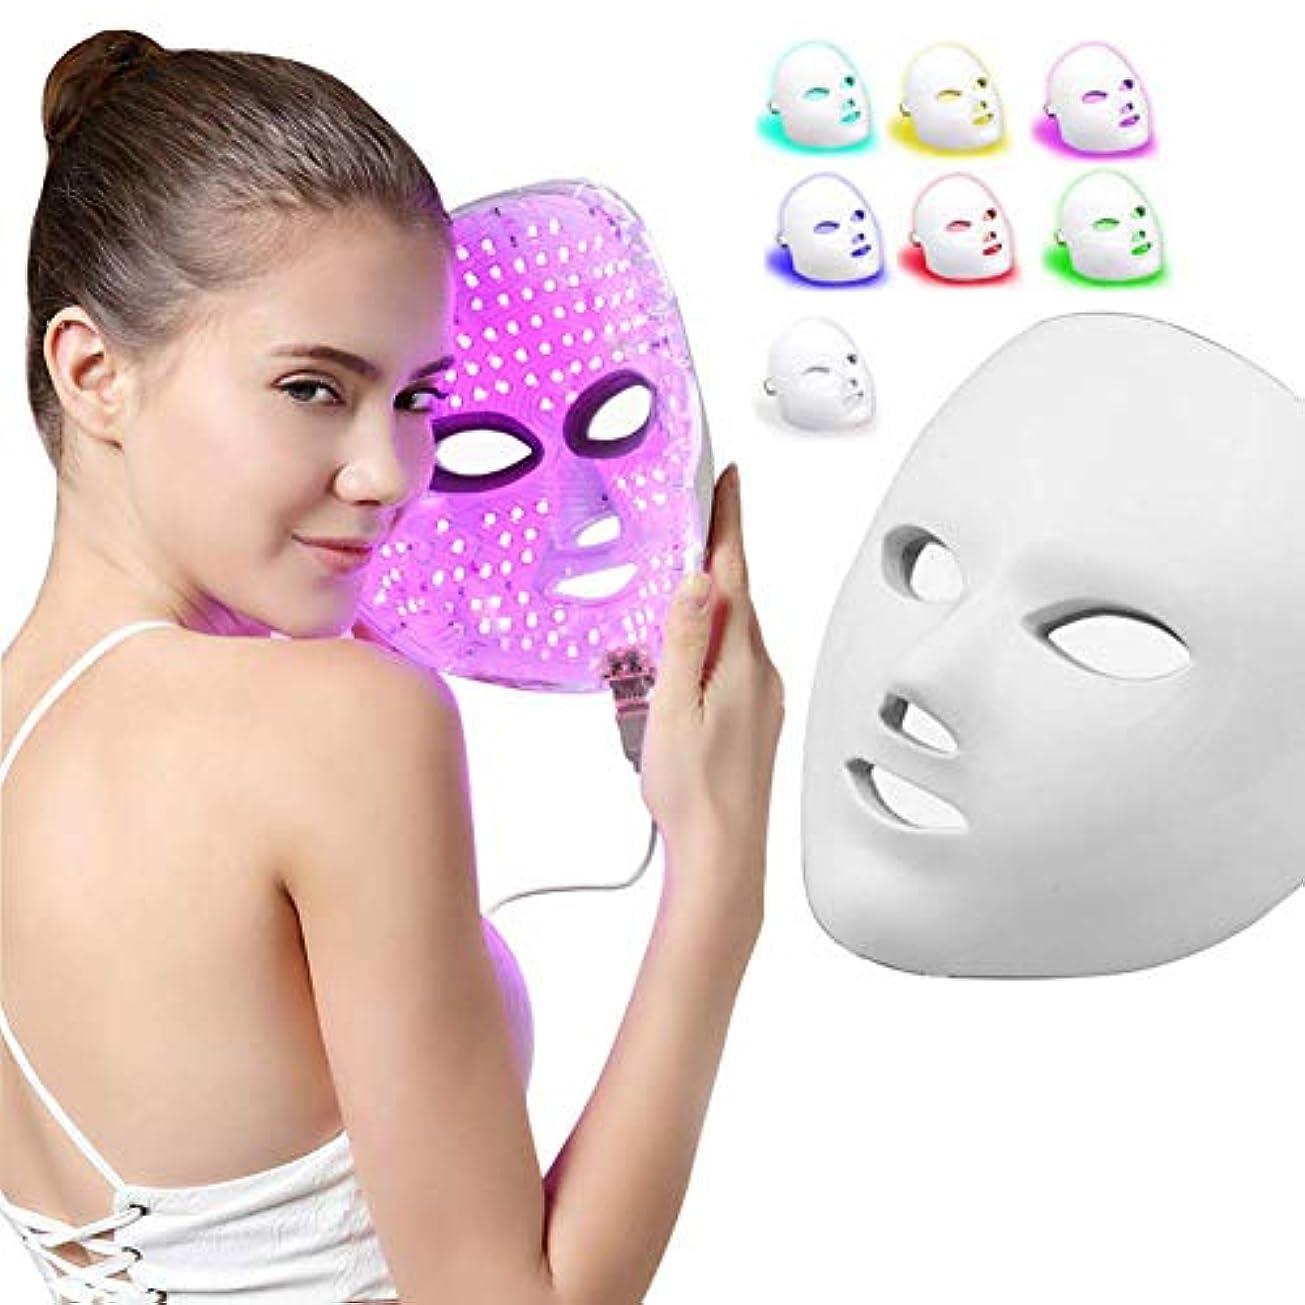 擬人同等のインフルエンザライトセラピーマスク、7色フォトンフェイスマスクマシンマスクビューティープロアクティブスキンケアアンチエイジングファーミングスキン改善ファインライン